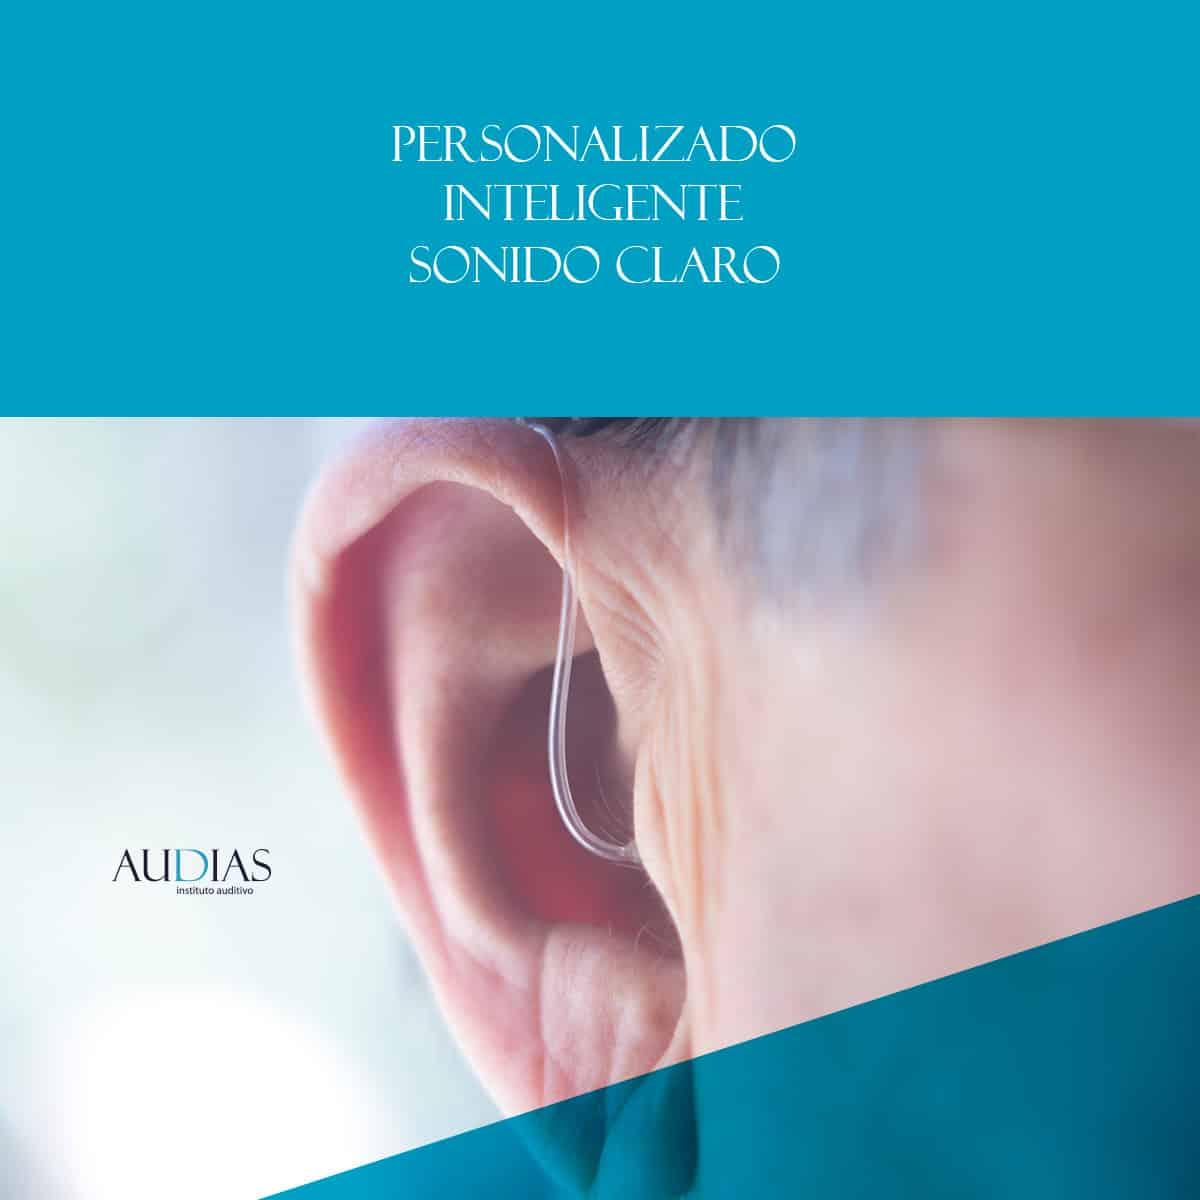 Audias Centro Auditivo, audífonos y protección auditiva Las mejores marcas de audífonos en España